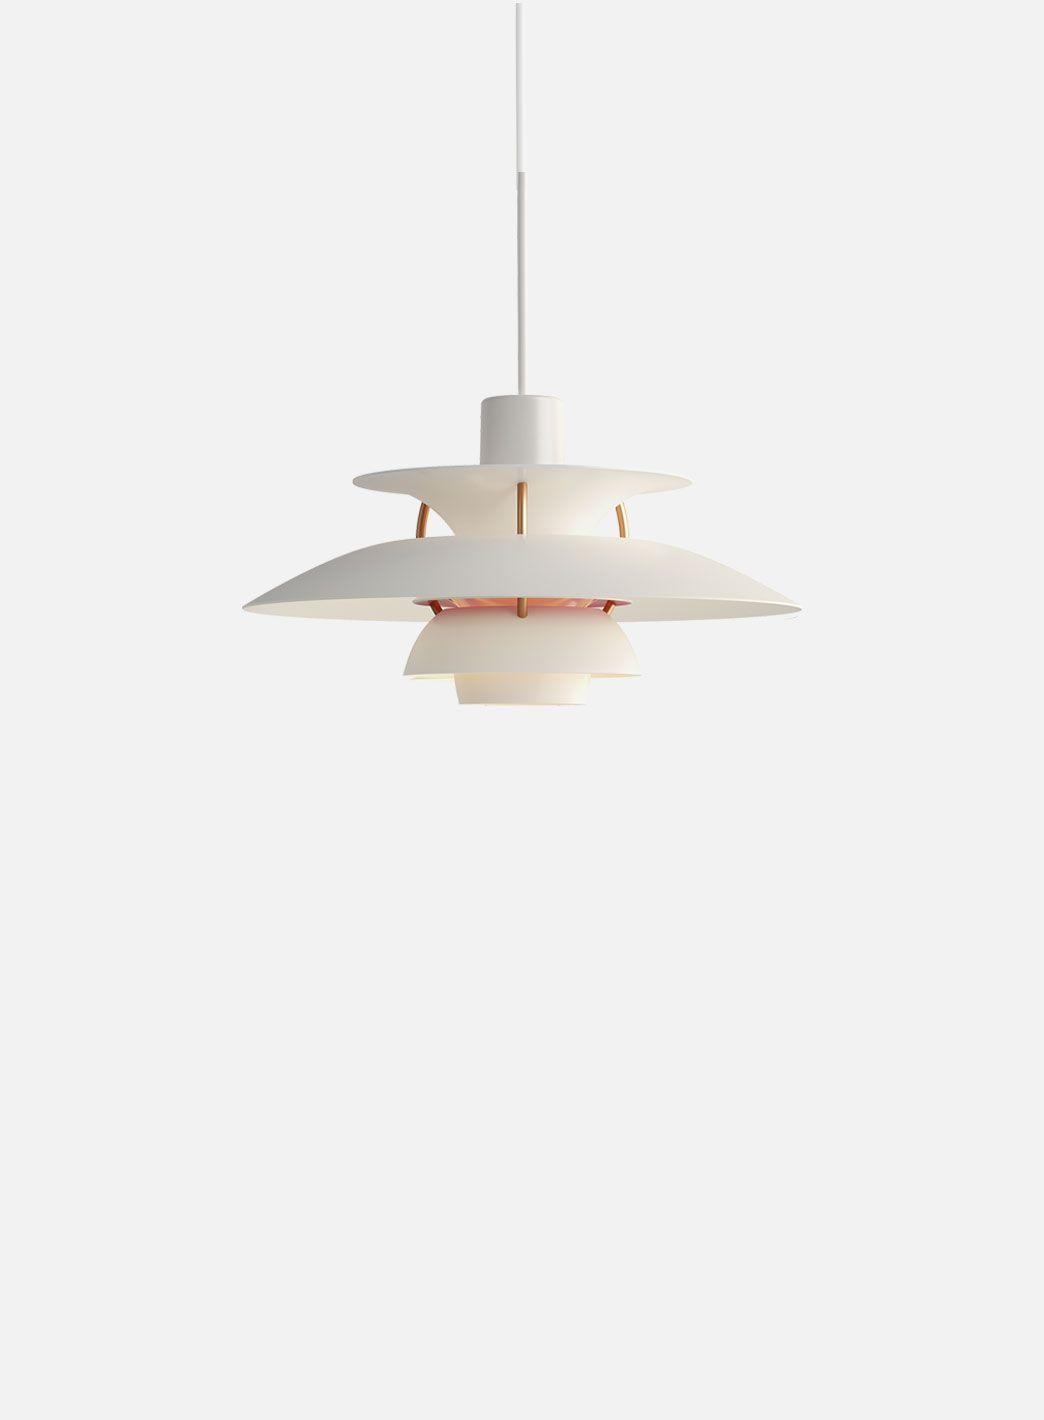 Louis Poulsen PH 5 taklampe | Christiania Belysning